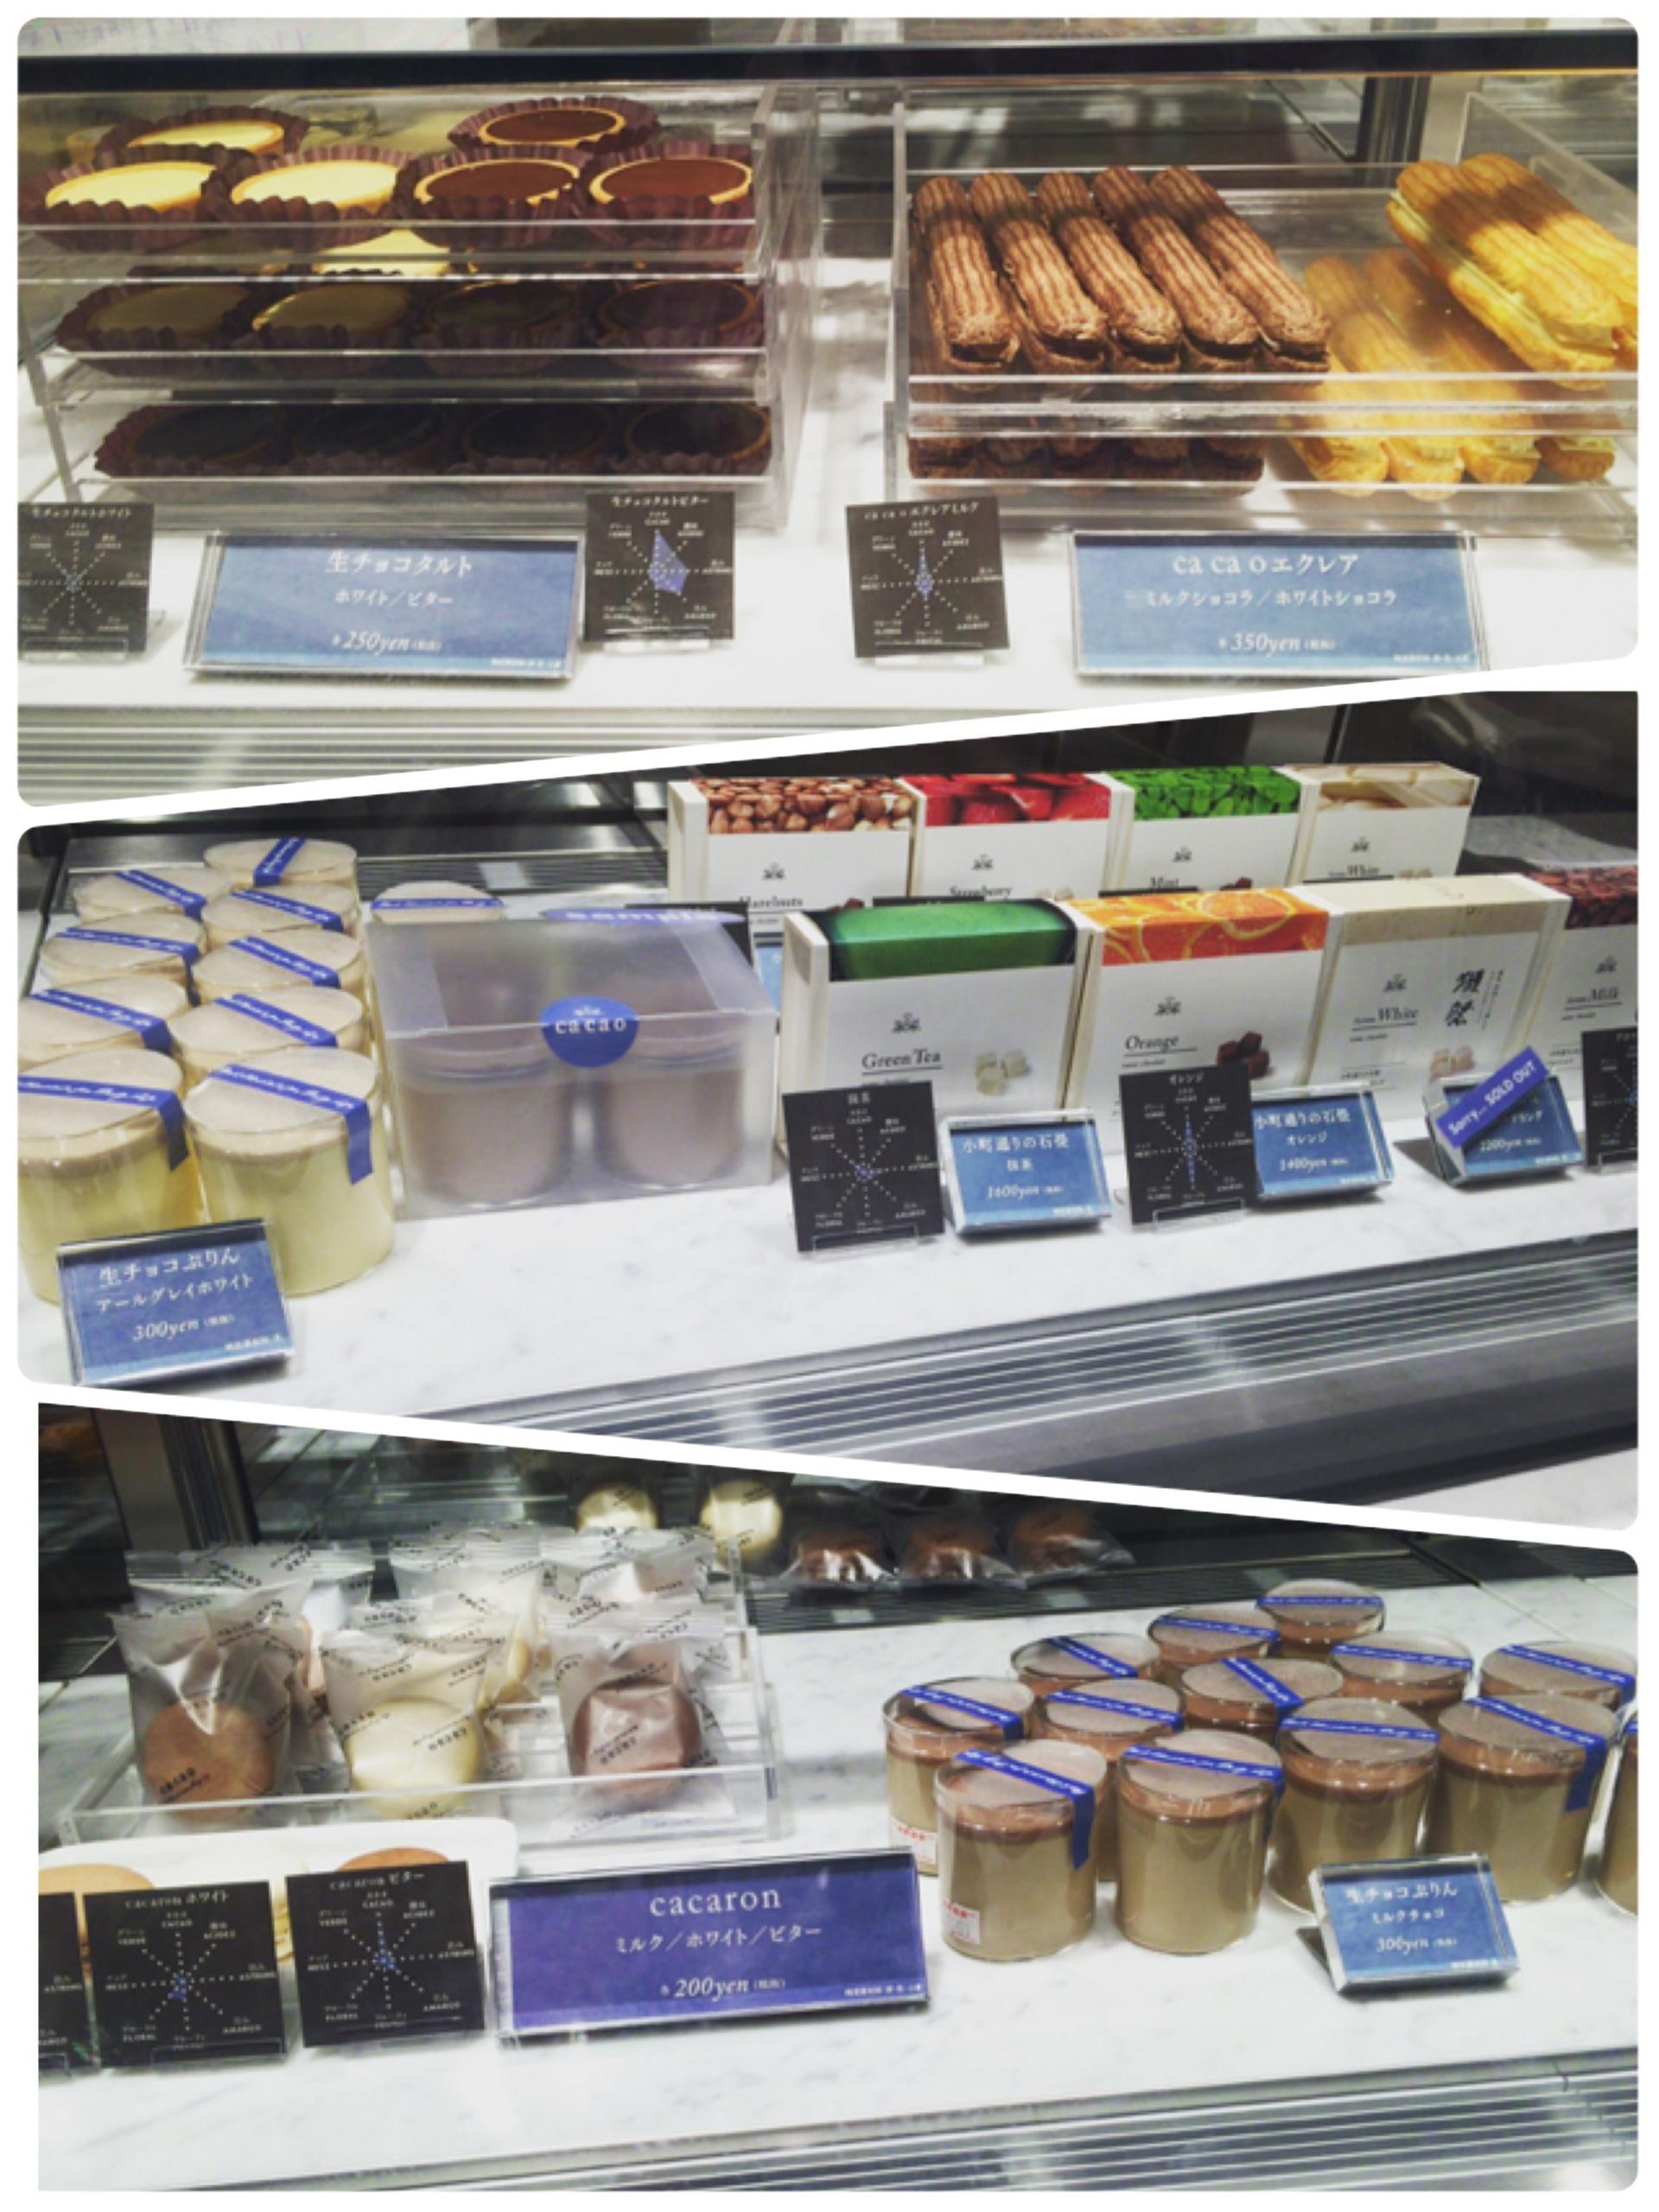 【鎌倉 小町通り】食べて美味しかったお店3選✨和食♡ソフトクリーム♡チョコスイーツ♡≪samenyan≫_17